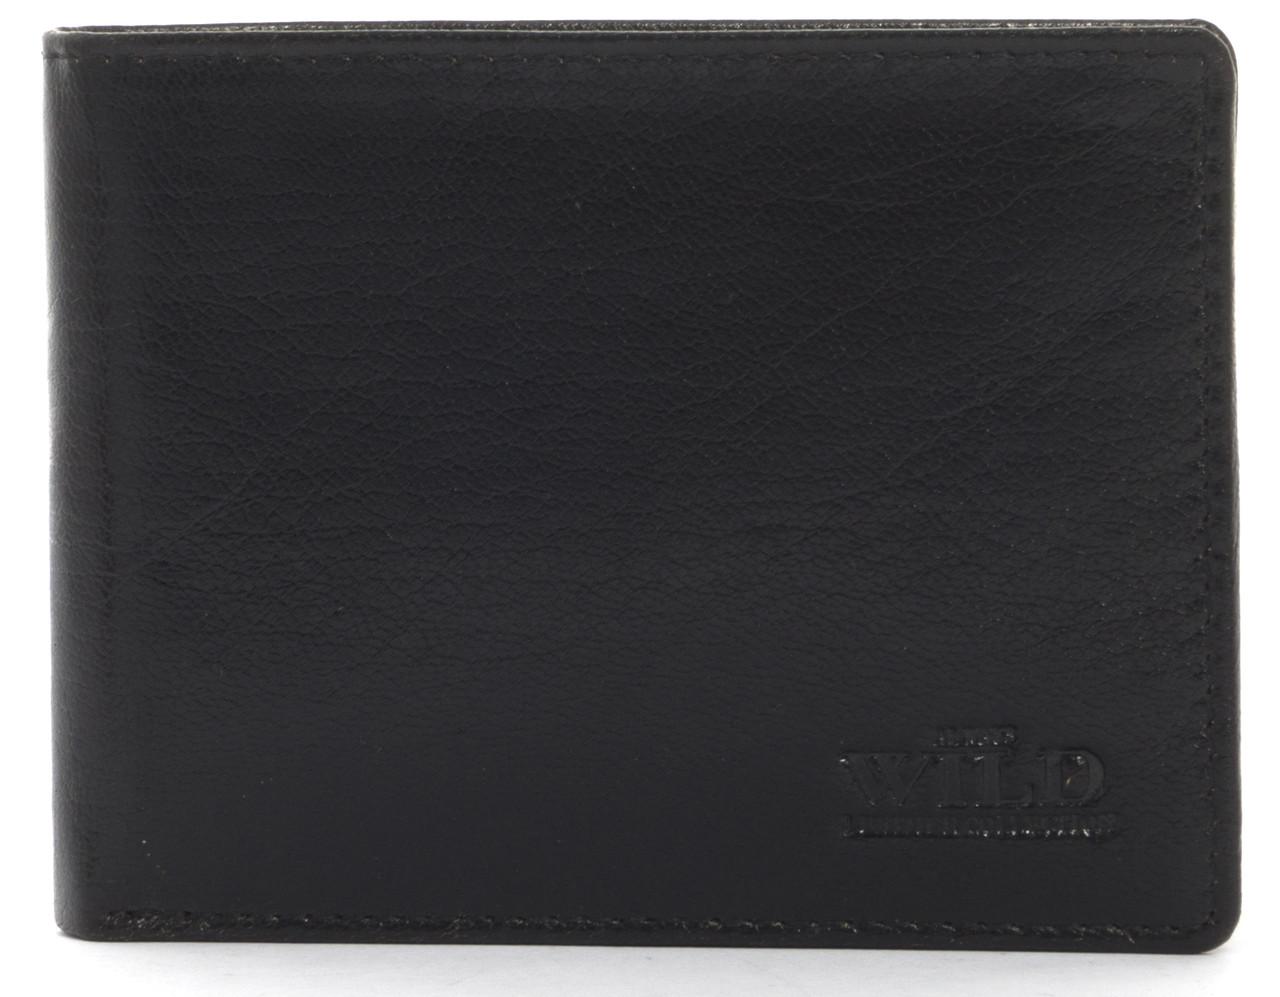 Кошелек мужской кожаный с большим количеством отделений ALWAYSWILD art. 25936-GF черный, фото 1